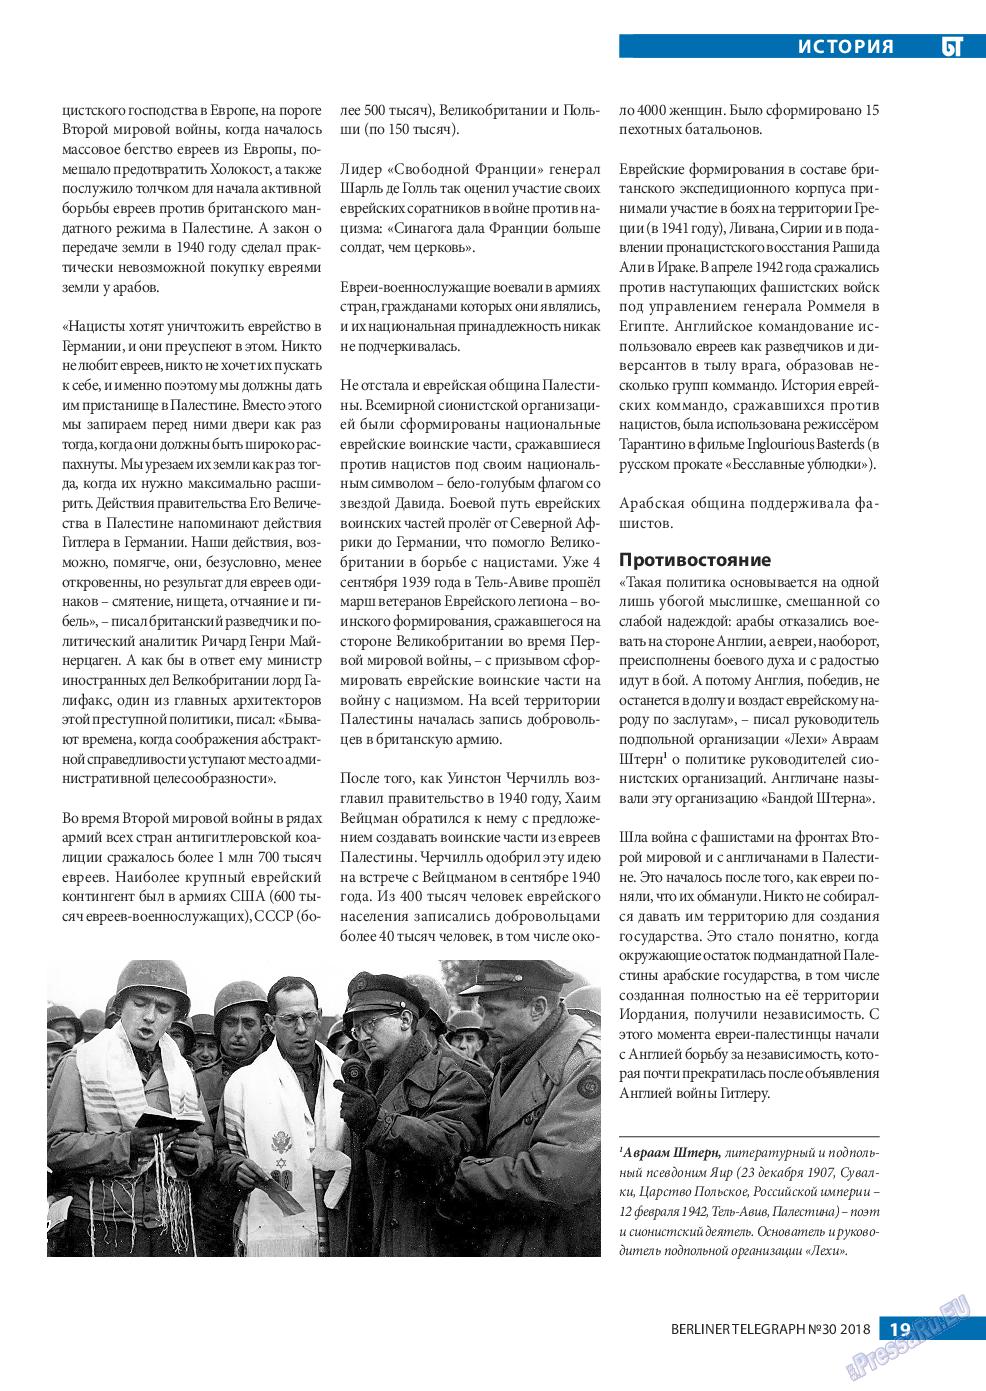 Берлинский телеграф (журнал). 2018 год, номер 30, стр. 19